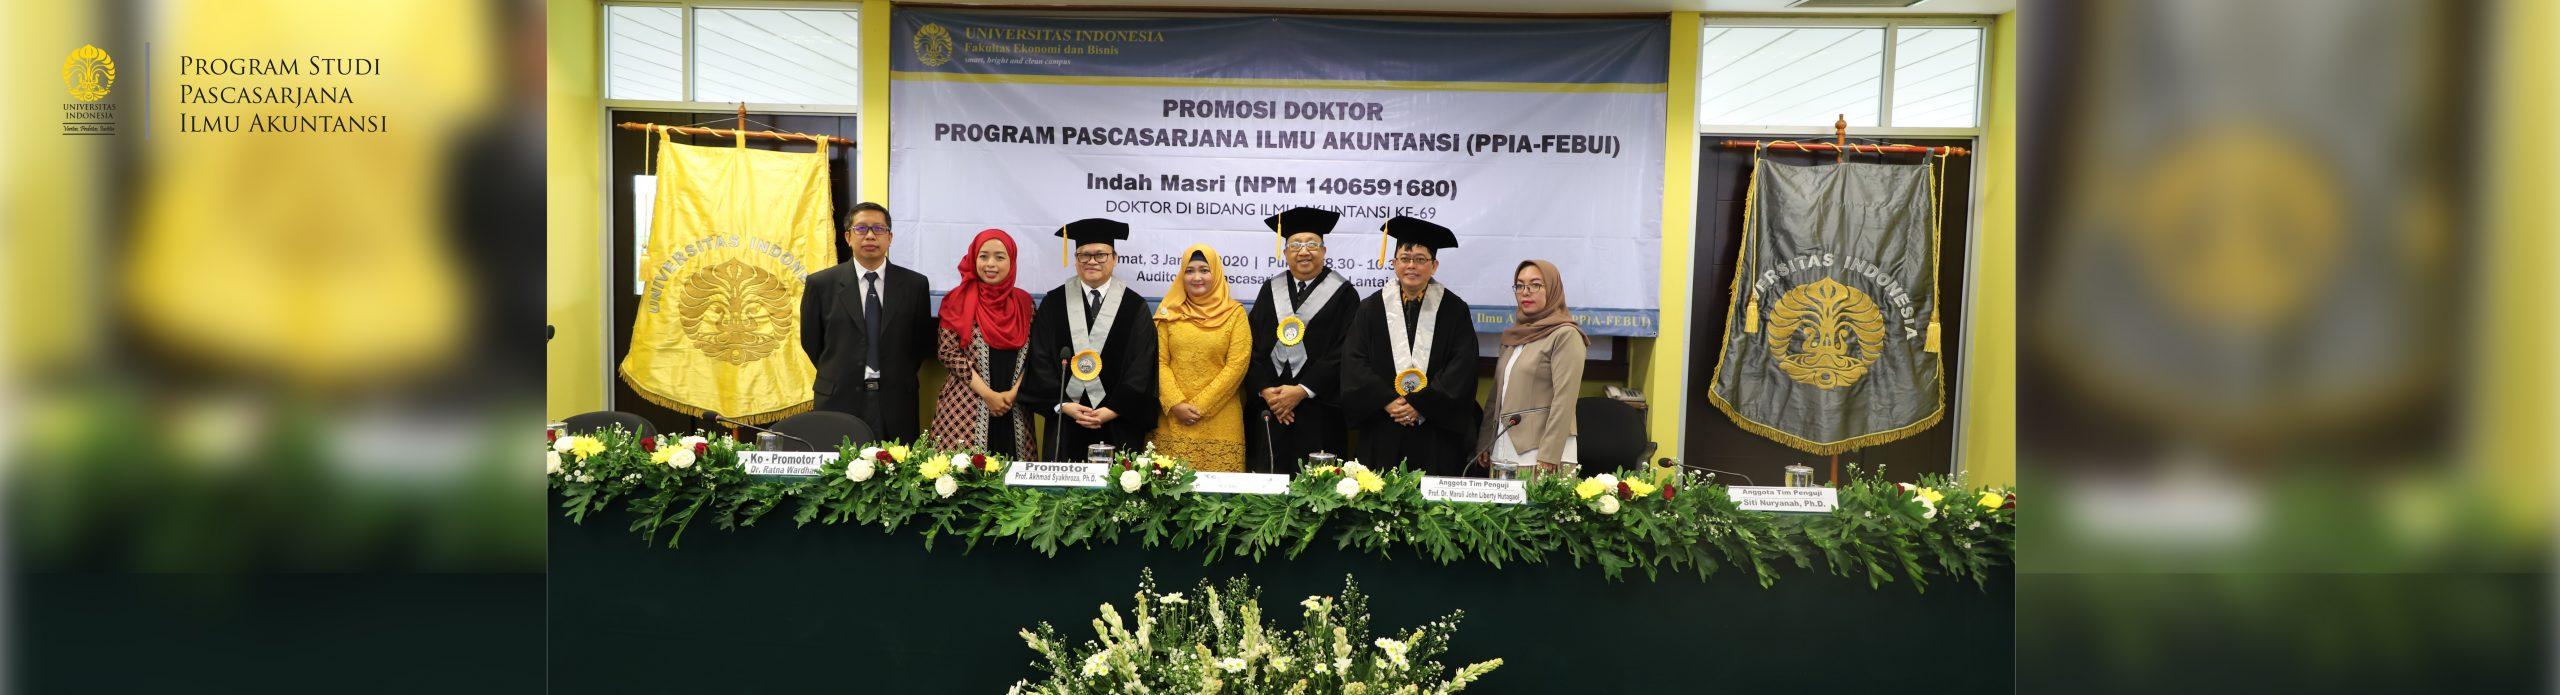 Promosi Doktor Indah Masri